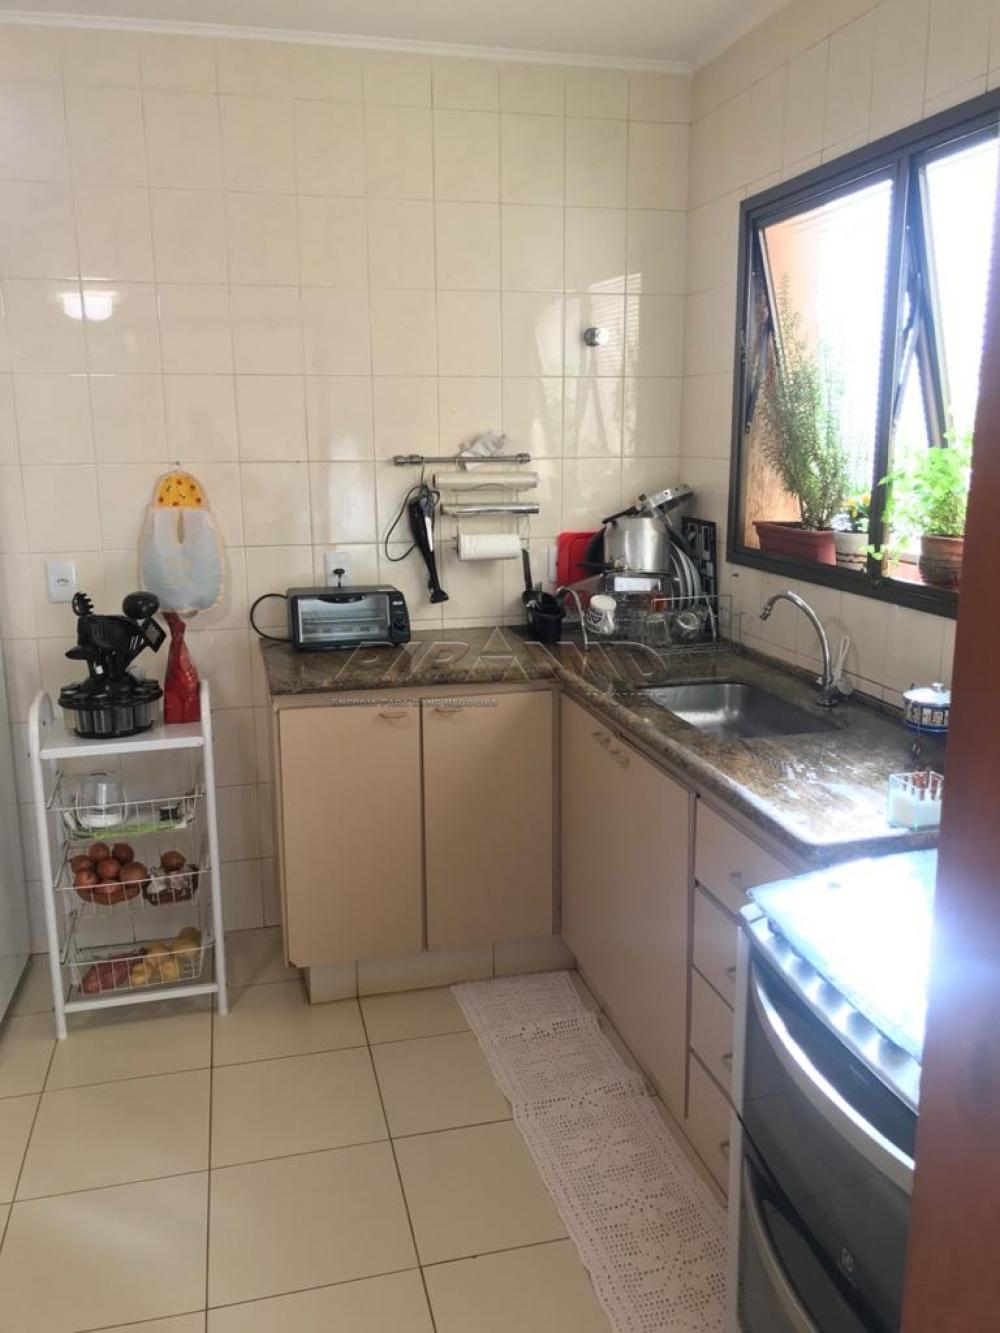 Comprar Apartamento / Padrão em Ribeirão Preto apenas R$ 550.000,00 - Foto 25